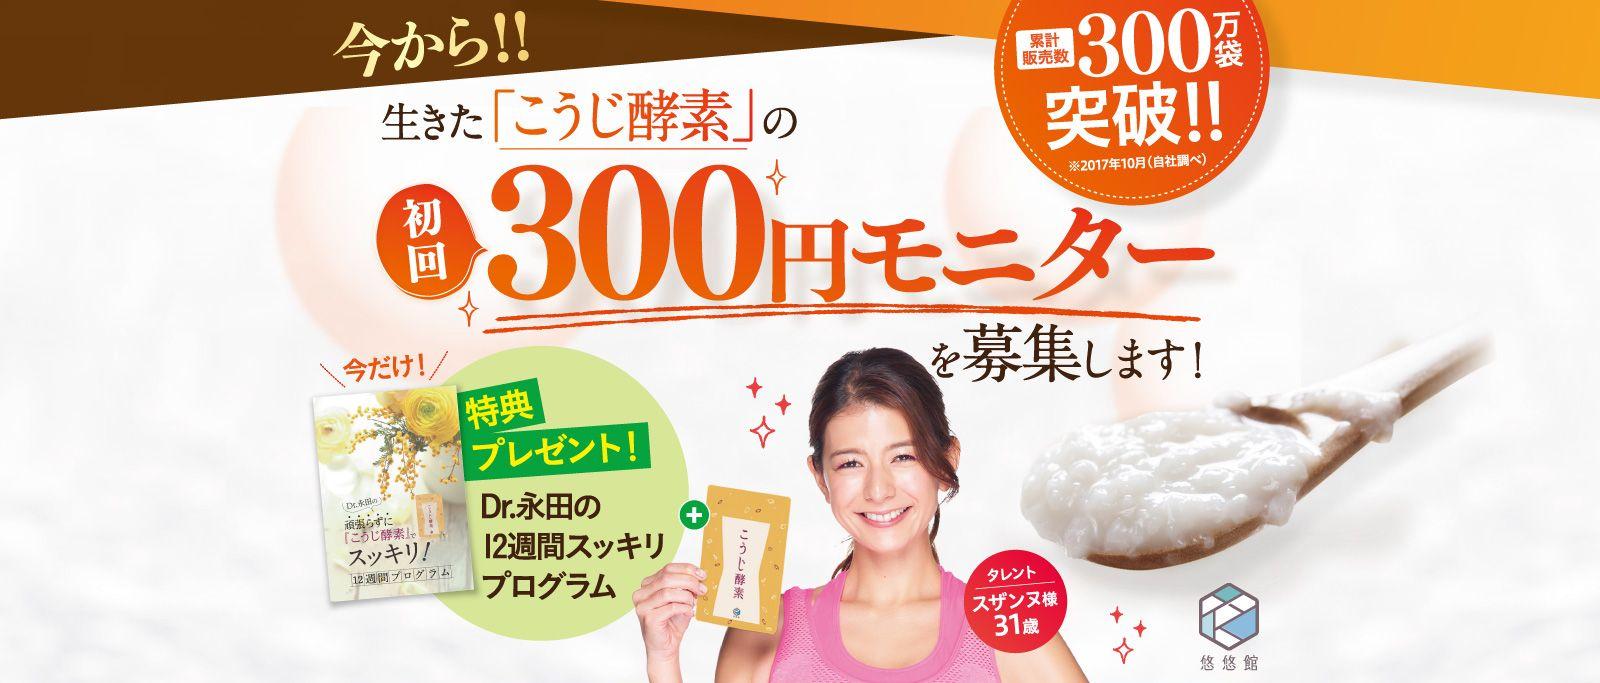 こうじ酵素の2chでも注目のダイエットサプリ!今なら初回は300円スタート!先着500名なので早めの申込!